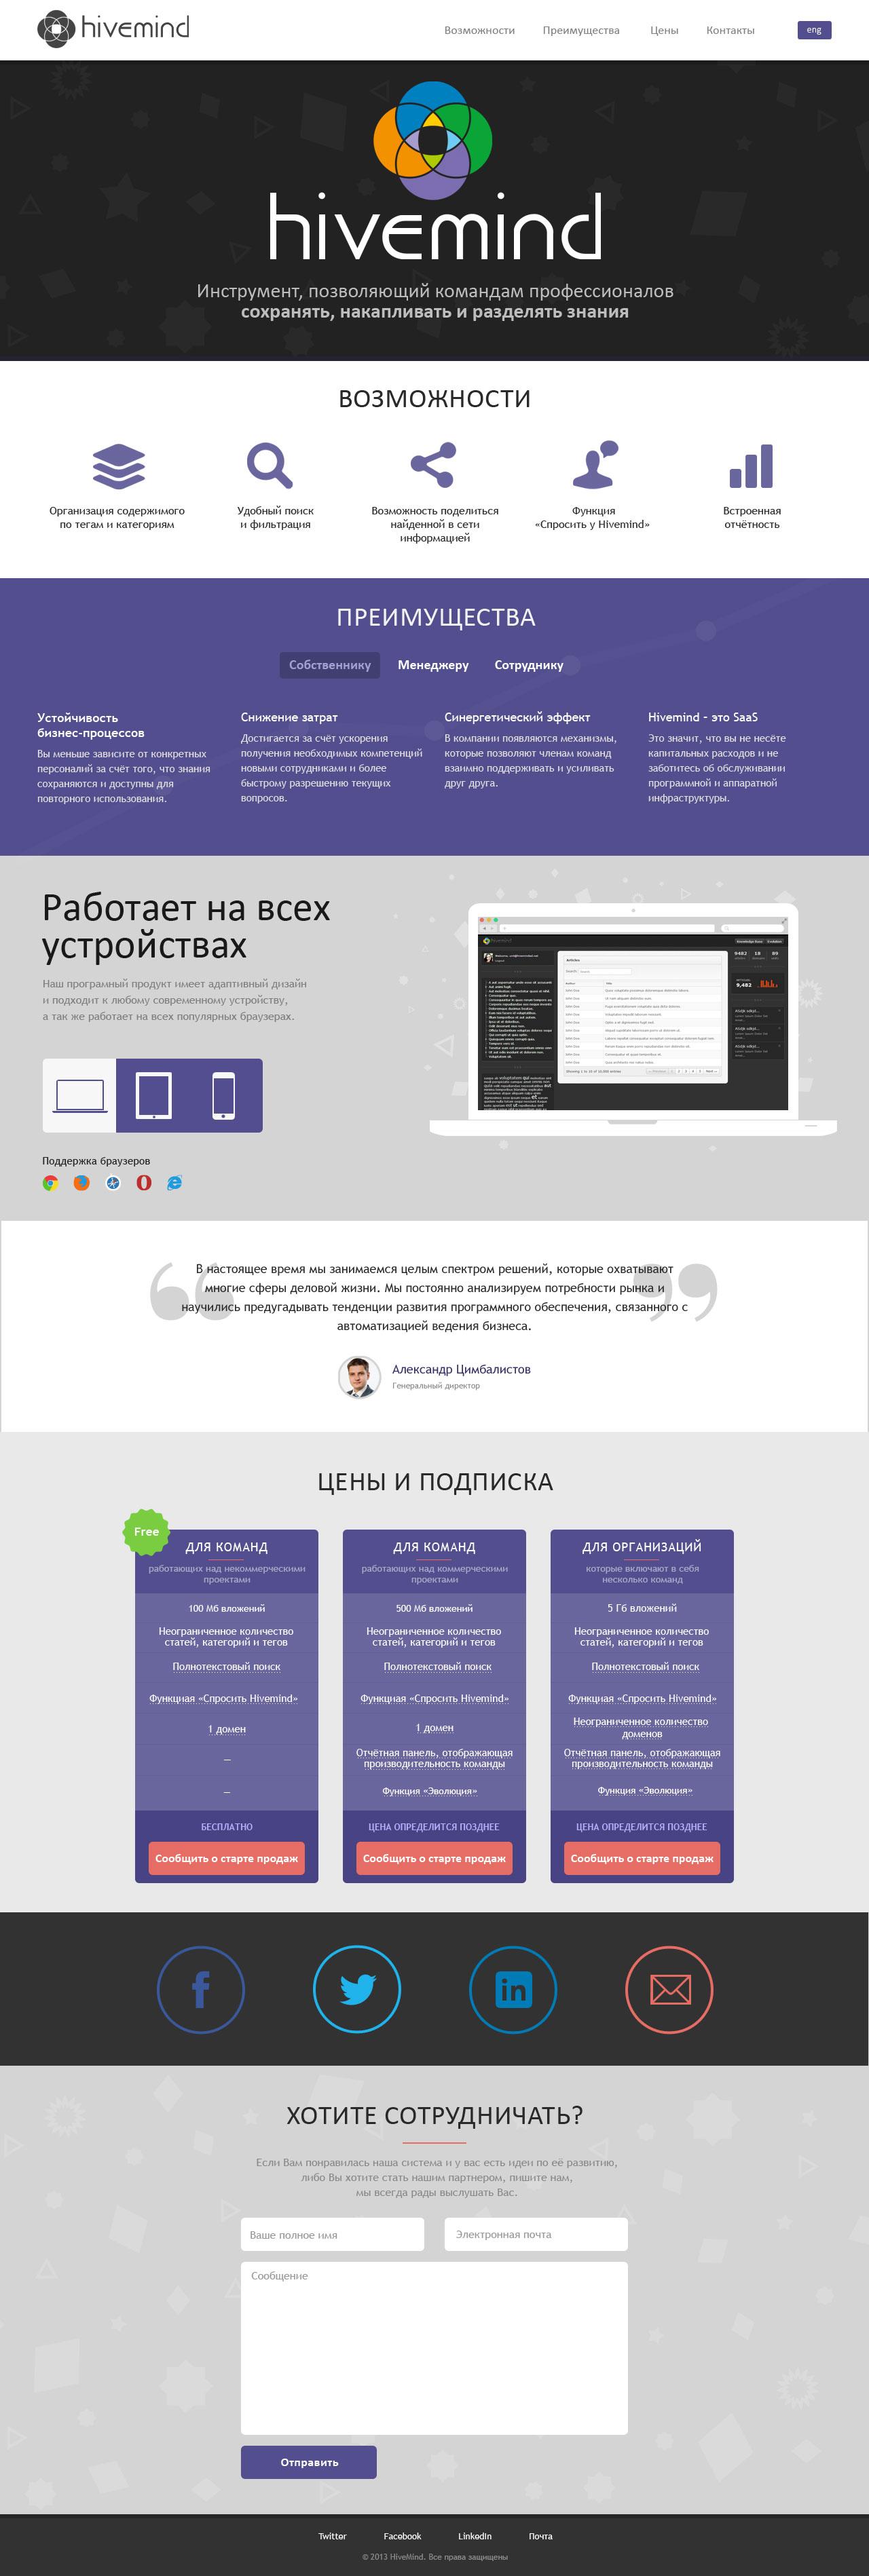 Адаптивная верстка и паралакс Landing page